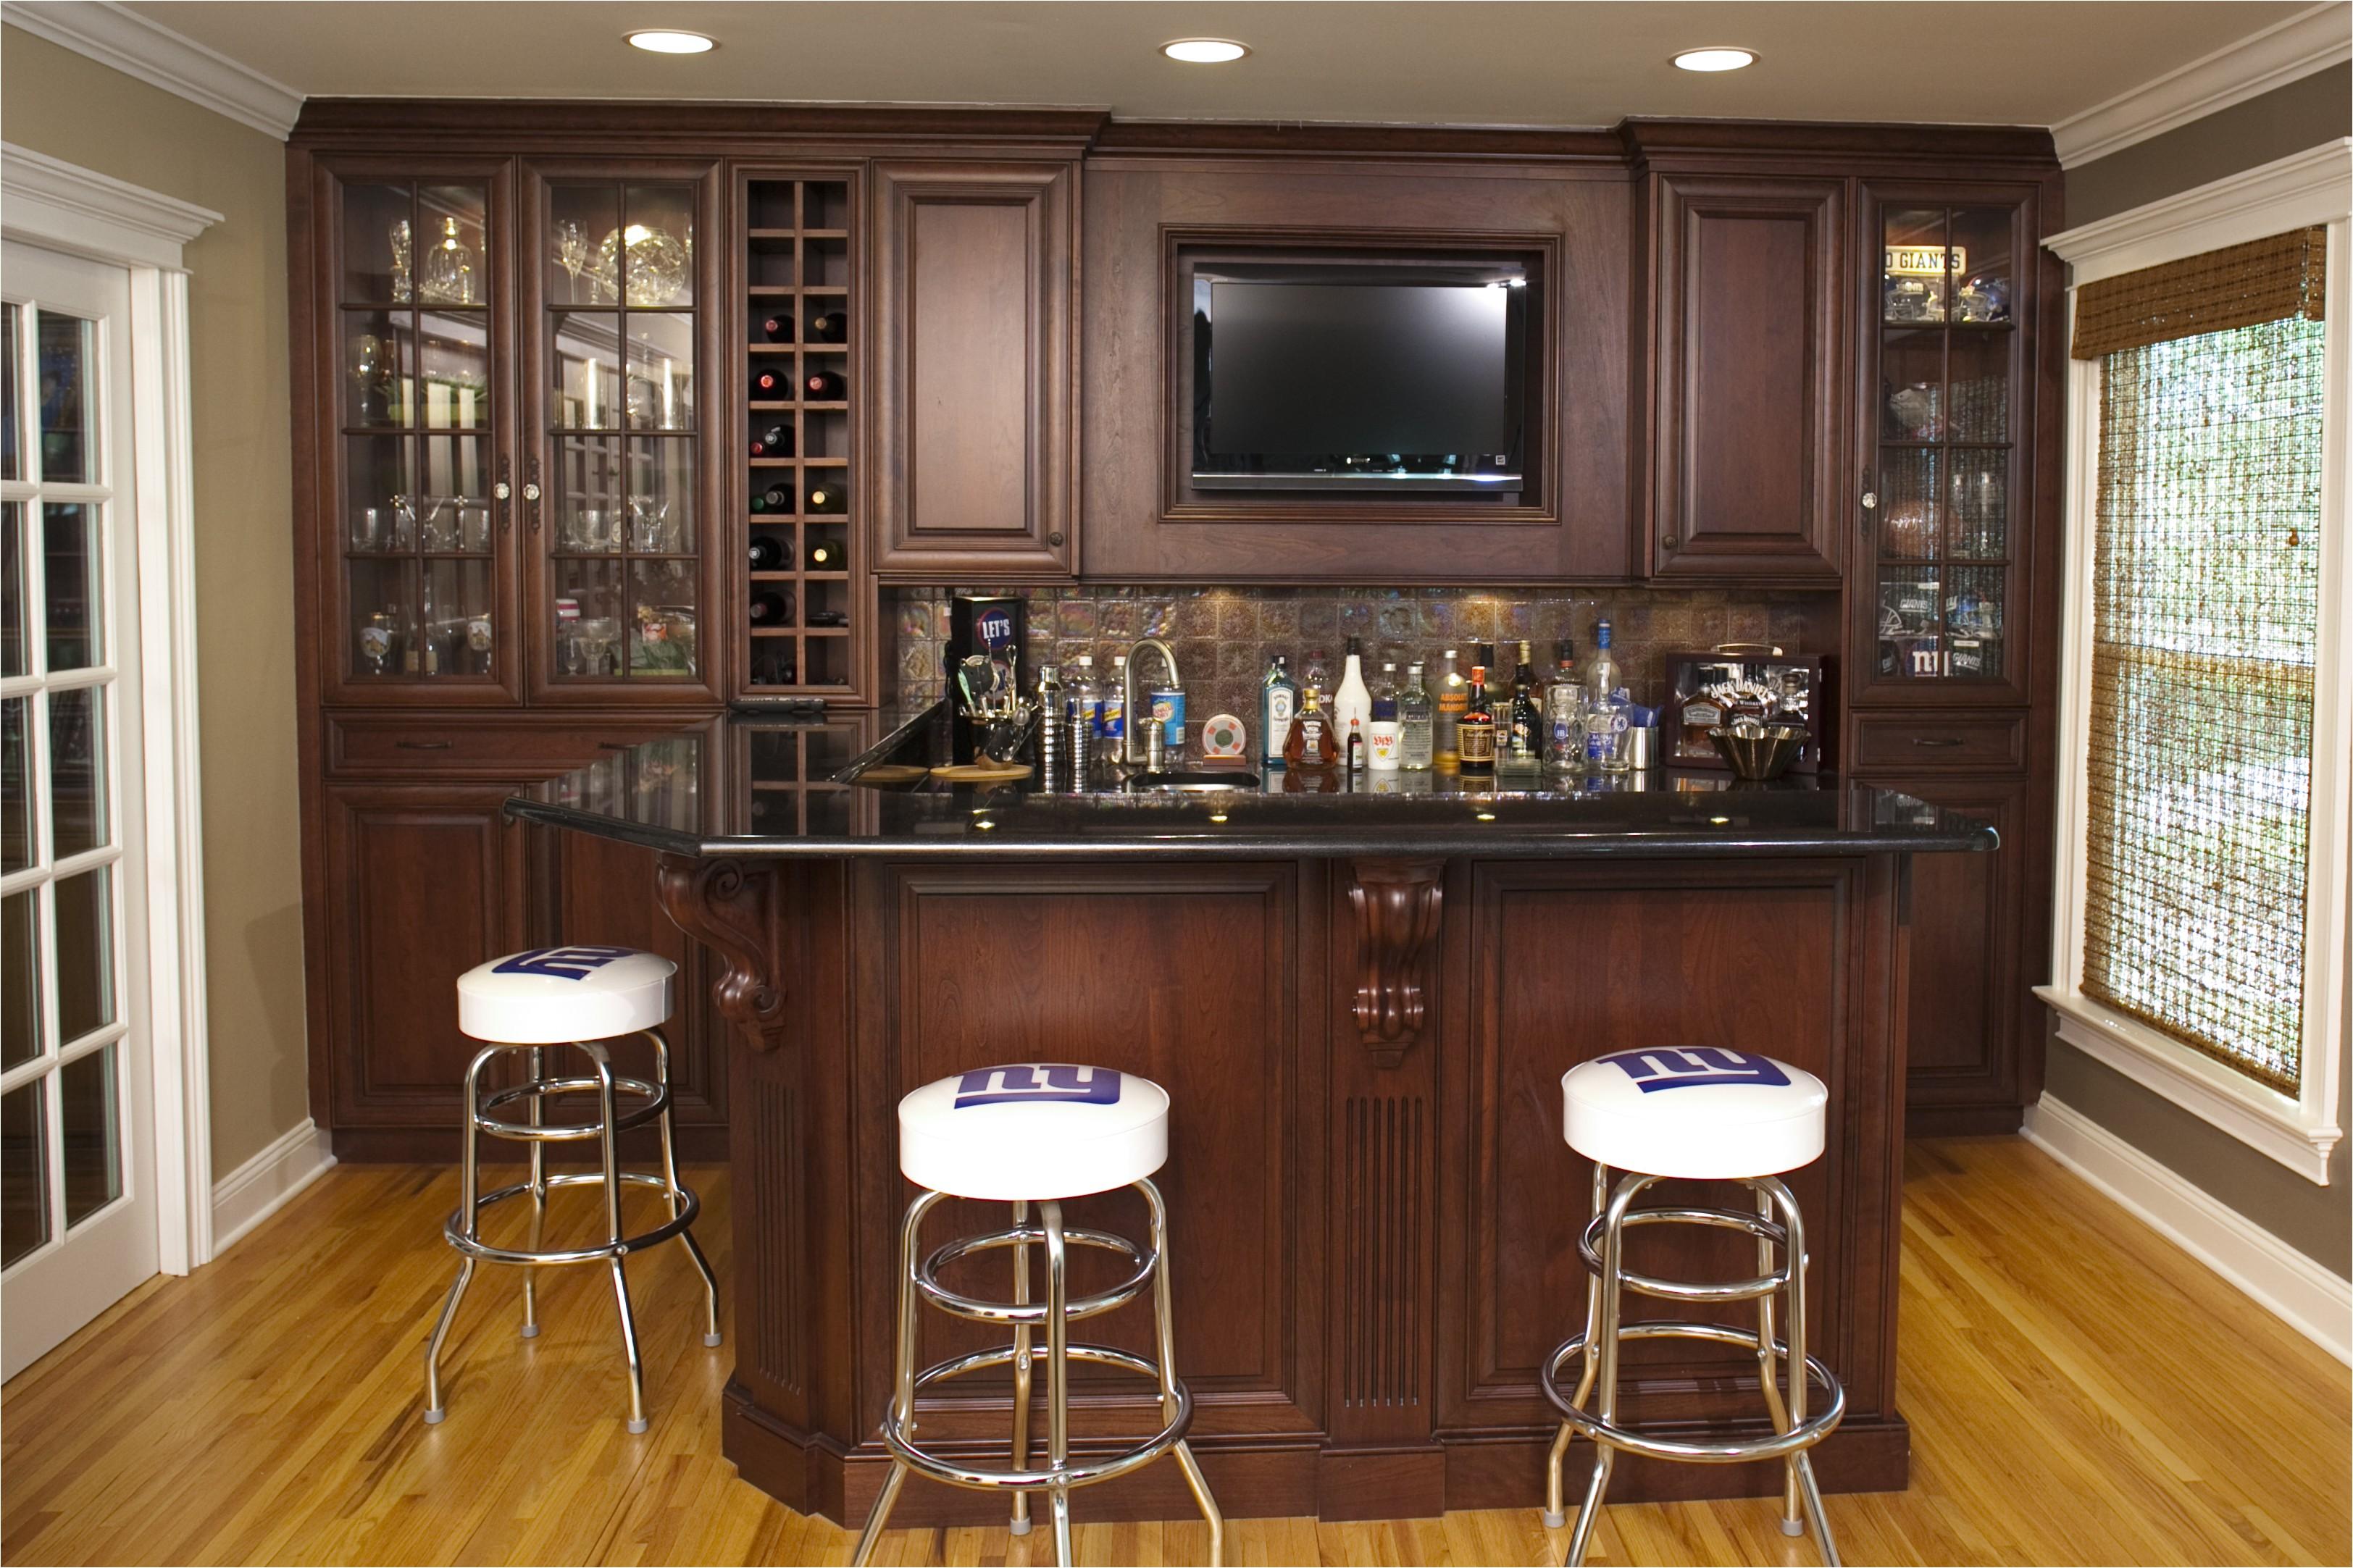 Home Wet Bar Plans | plougonver.com